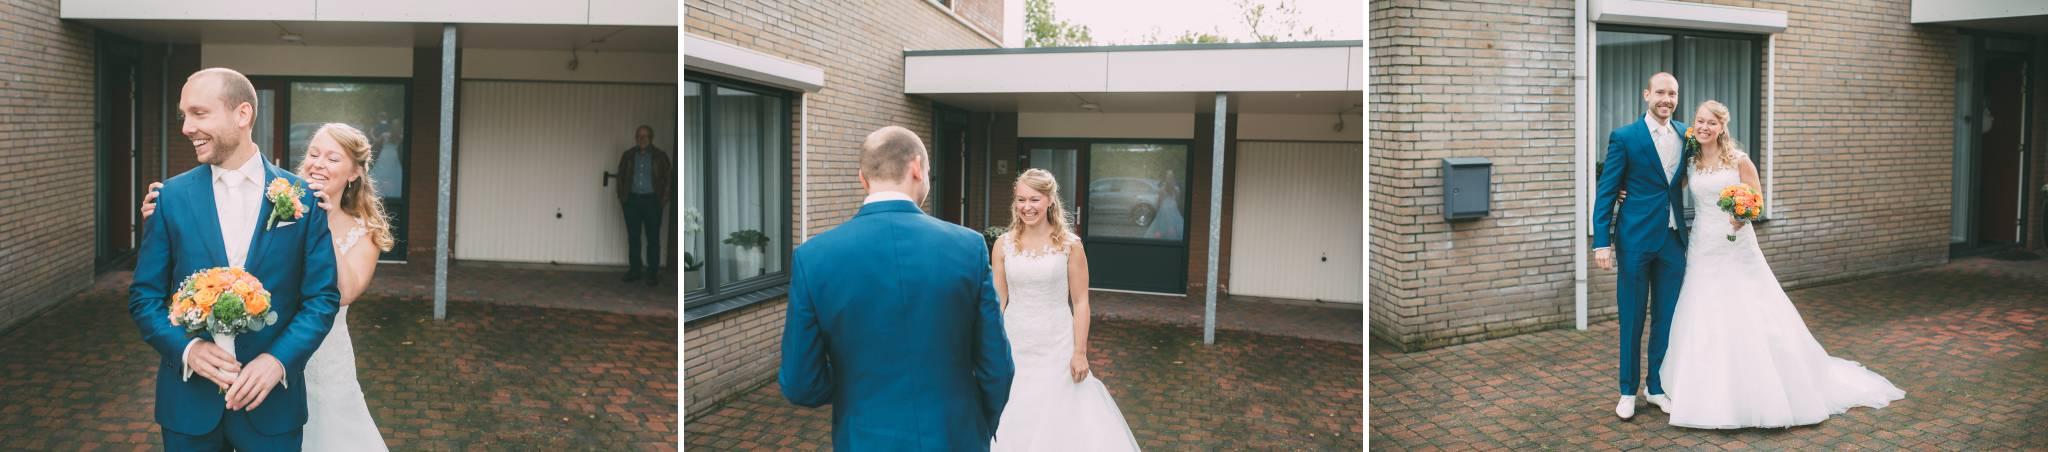 Bruidsfotograaf Oud Gastel 2